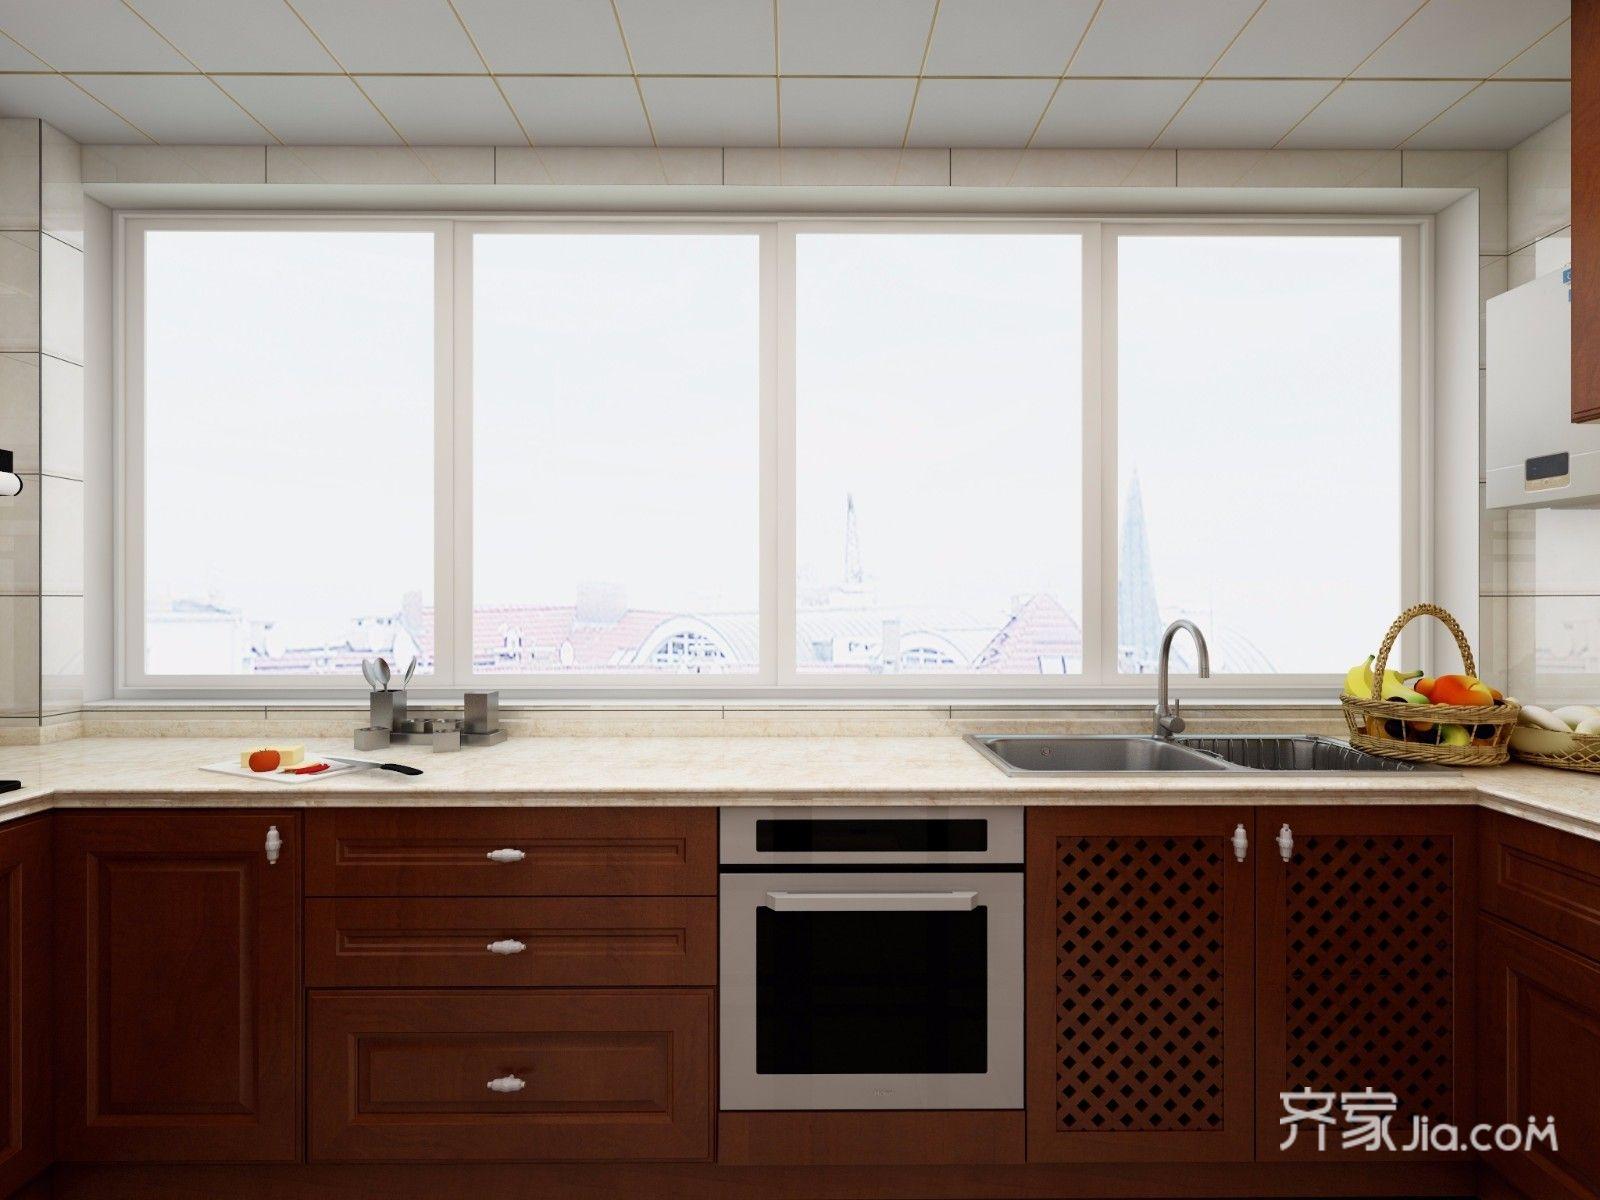 128平中式風格三居裝修櫥柜設計圖